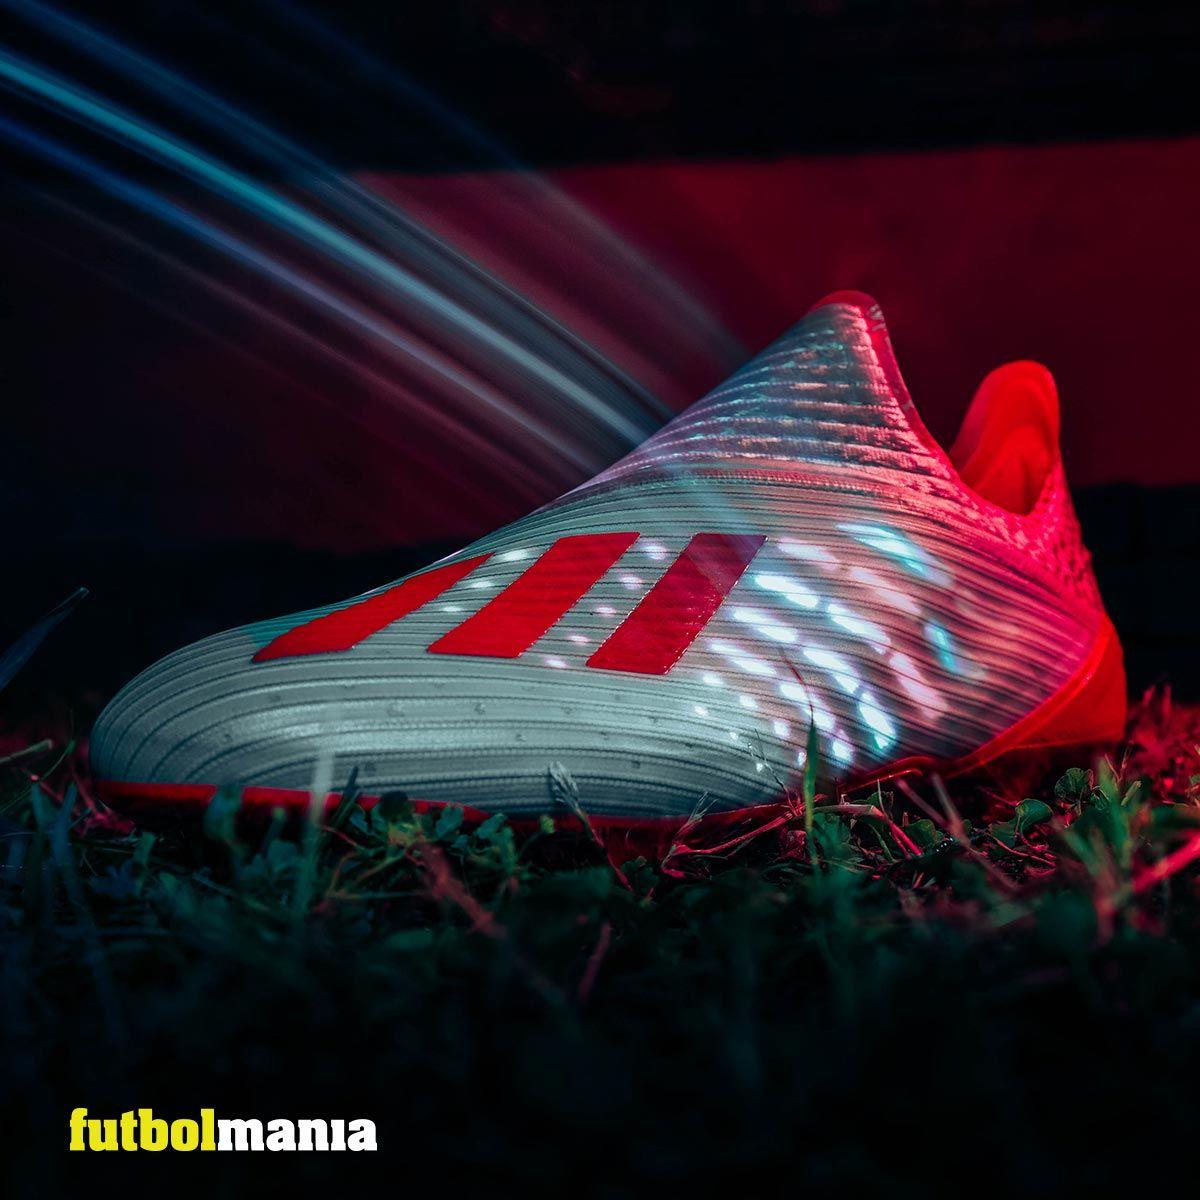 Melancólico septiembre domesticar  botines adidas sin cordones 2018 - Tienda Online de Zapatos, Ropa y  Complementos de marca